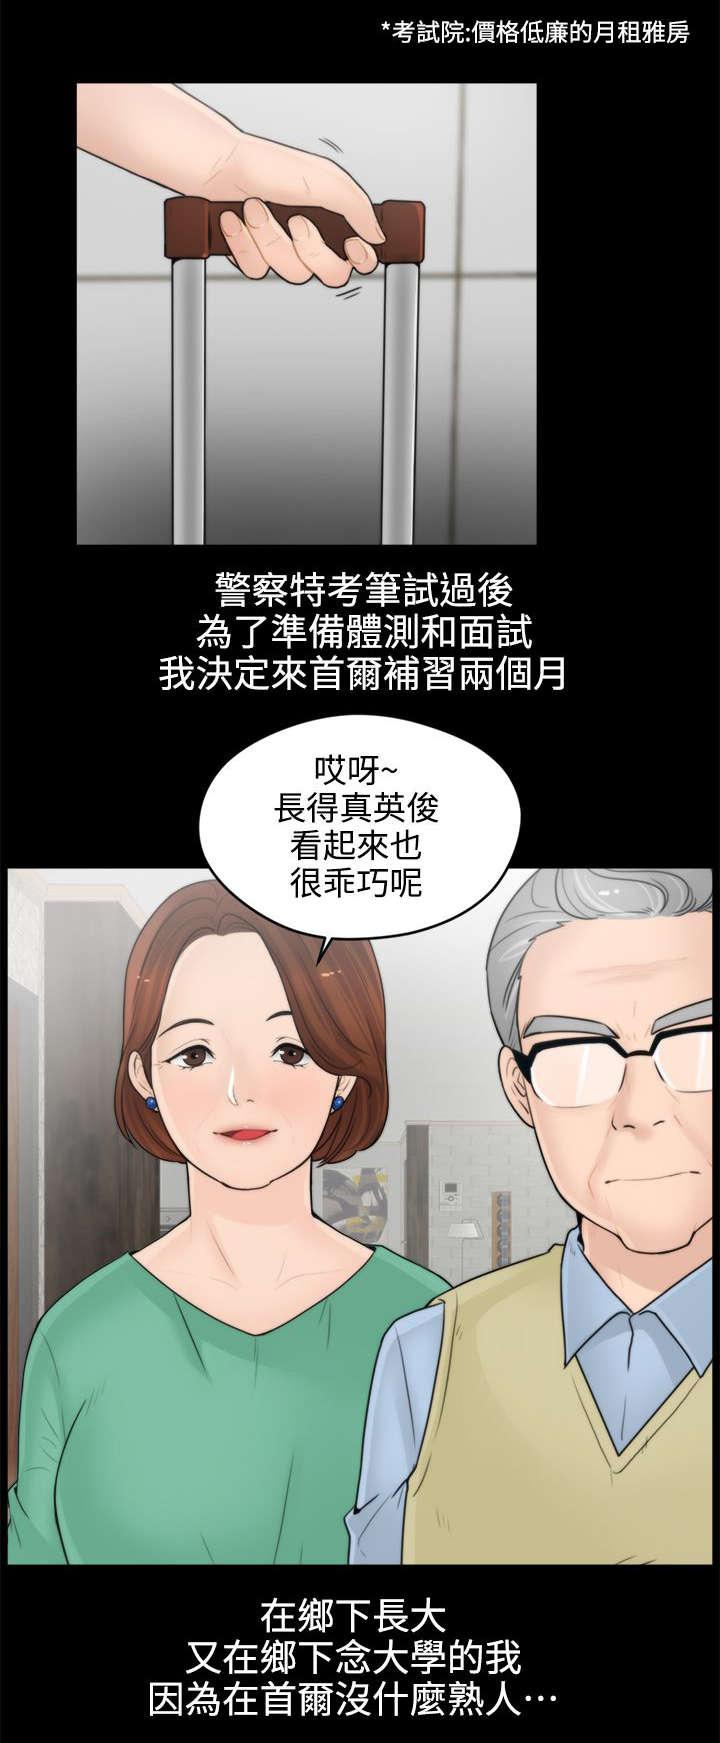 韩漫偷偷爱无遮挡在线阅读